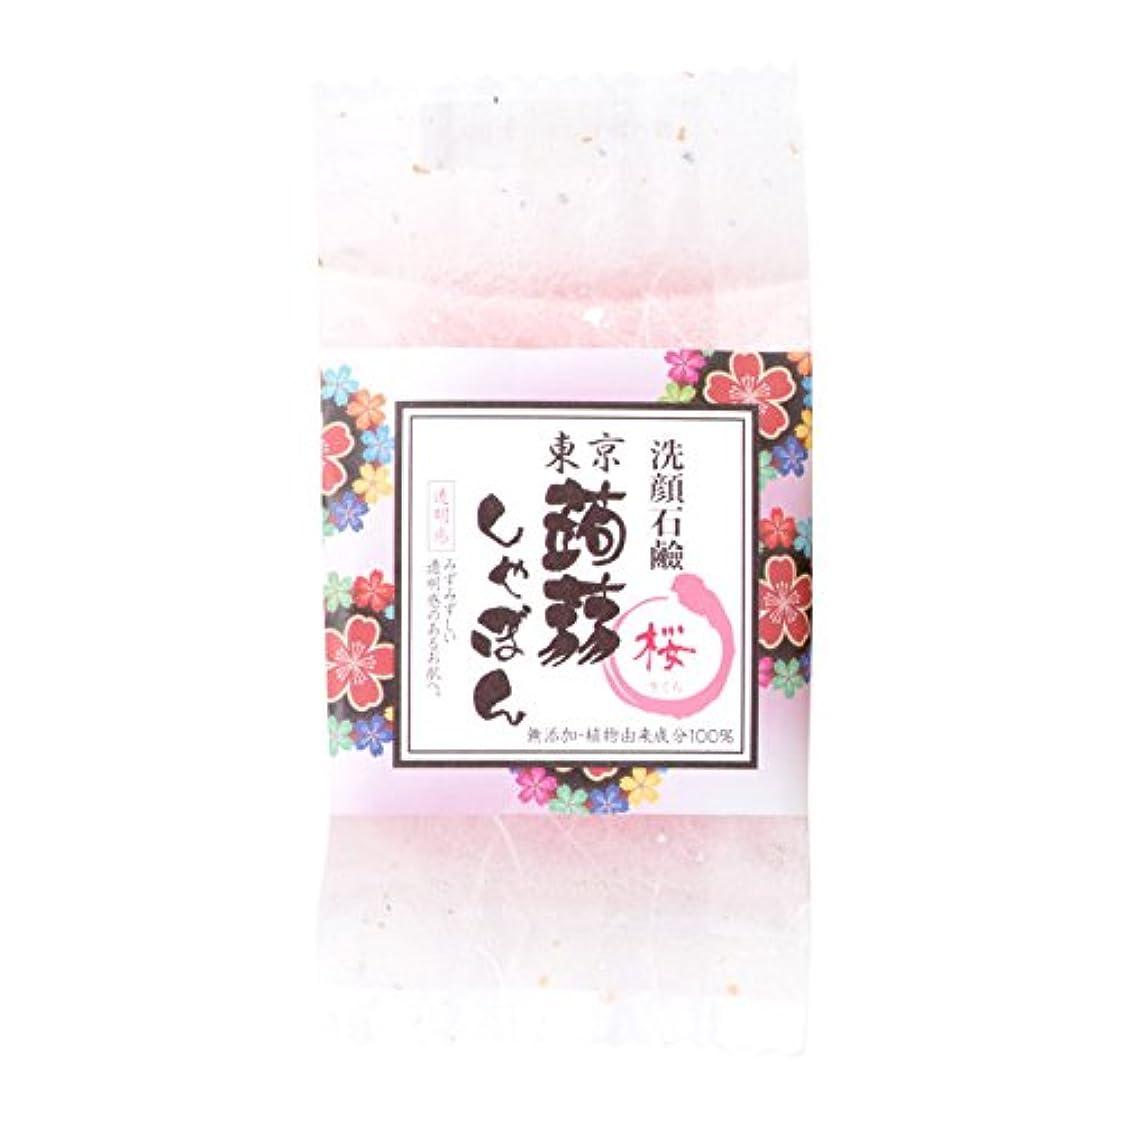 ペチュランスパイルアスリート東京蒟蒻しゃぼん東京 桜(さくら)